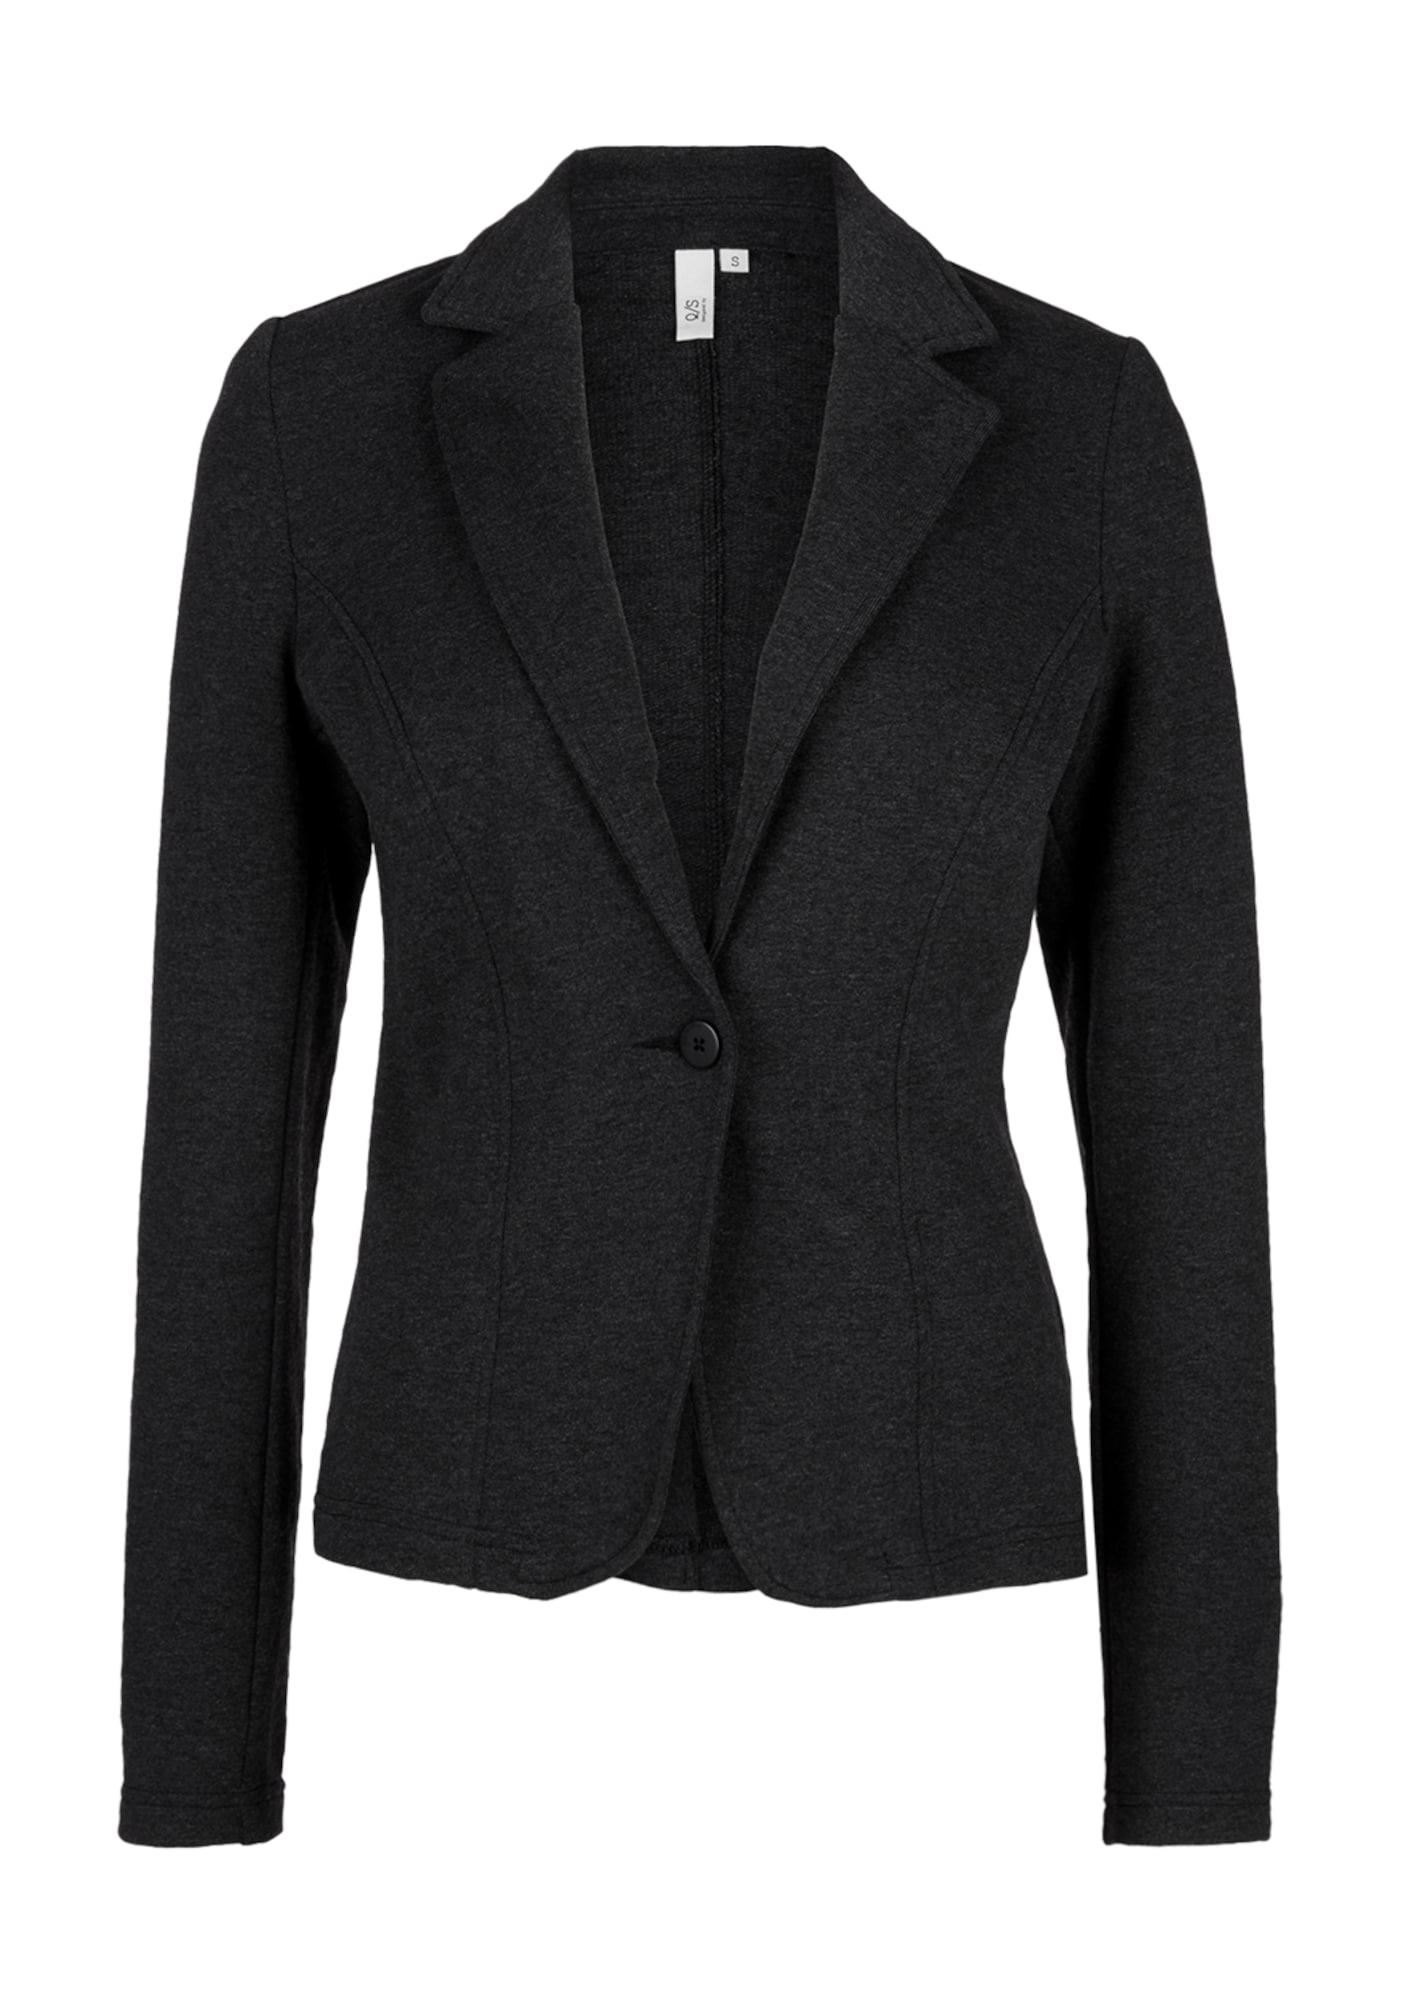 Sweatblazer | Bekleidung > Blazer | Schwarz | Q/S Designed By